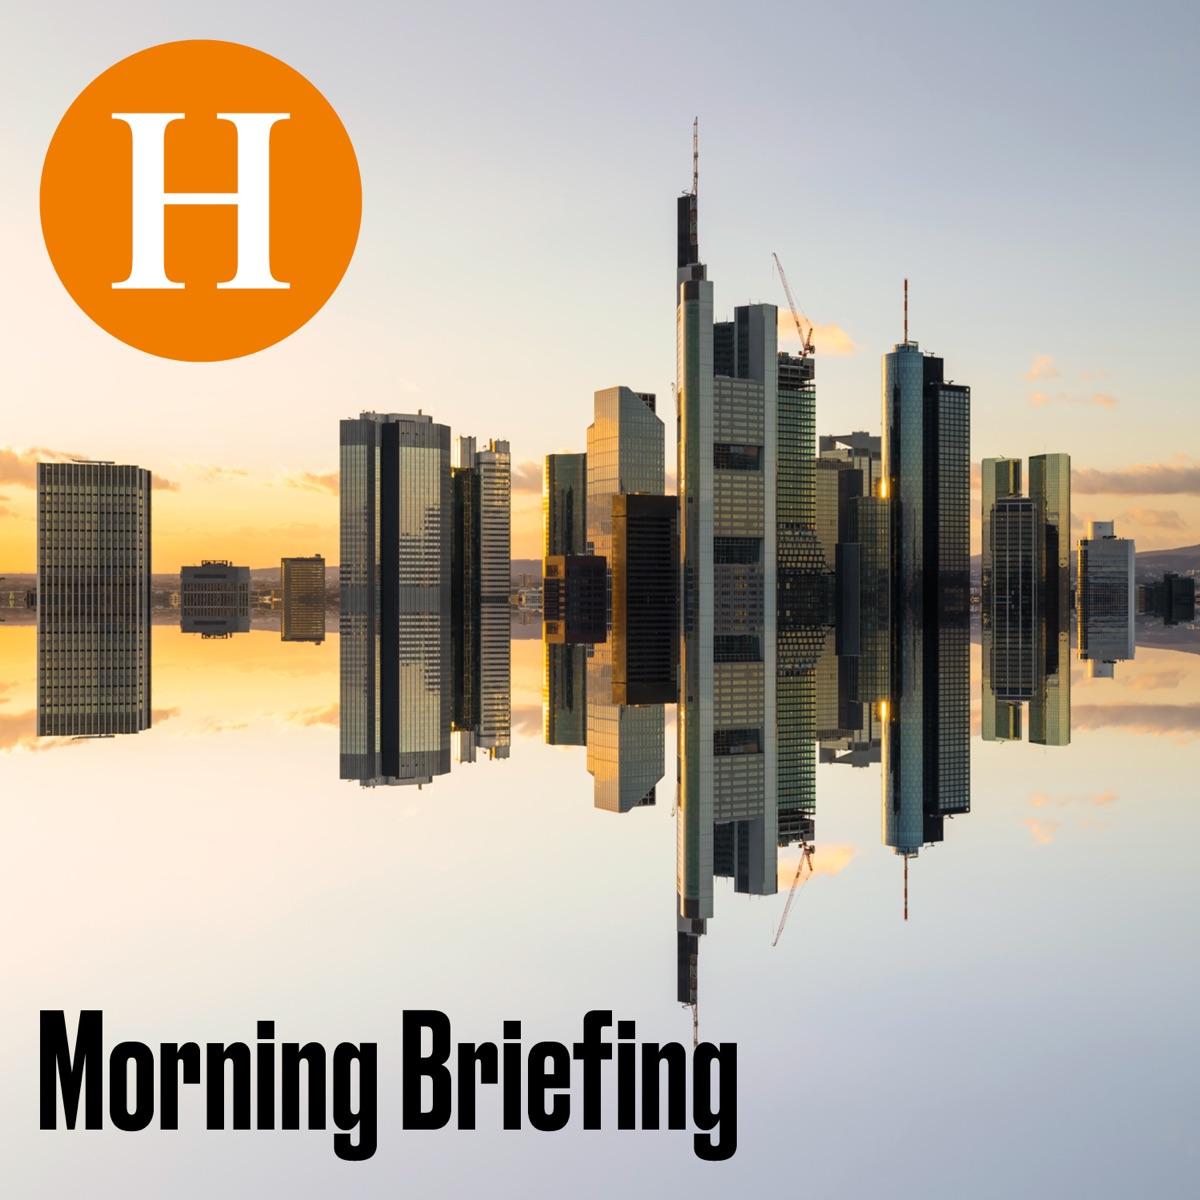 Morning Briefing vom 25.06.2020